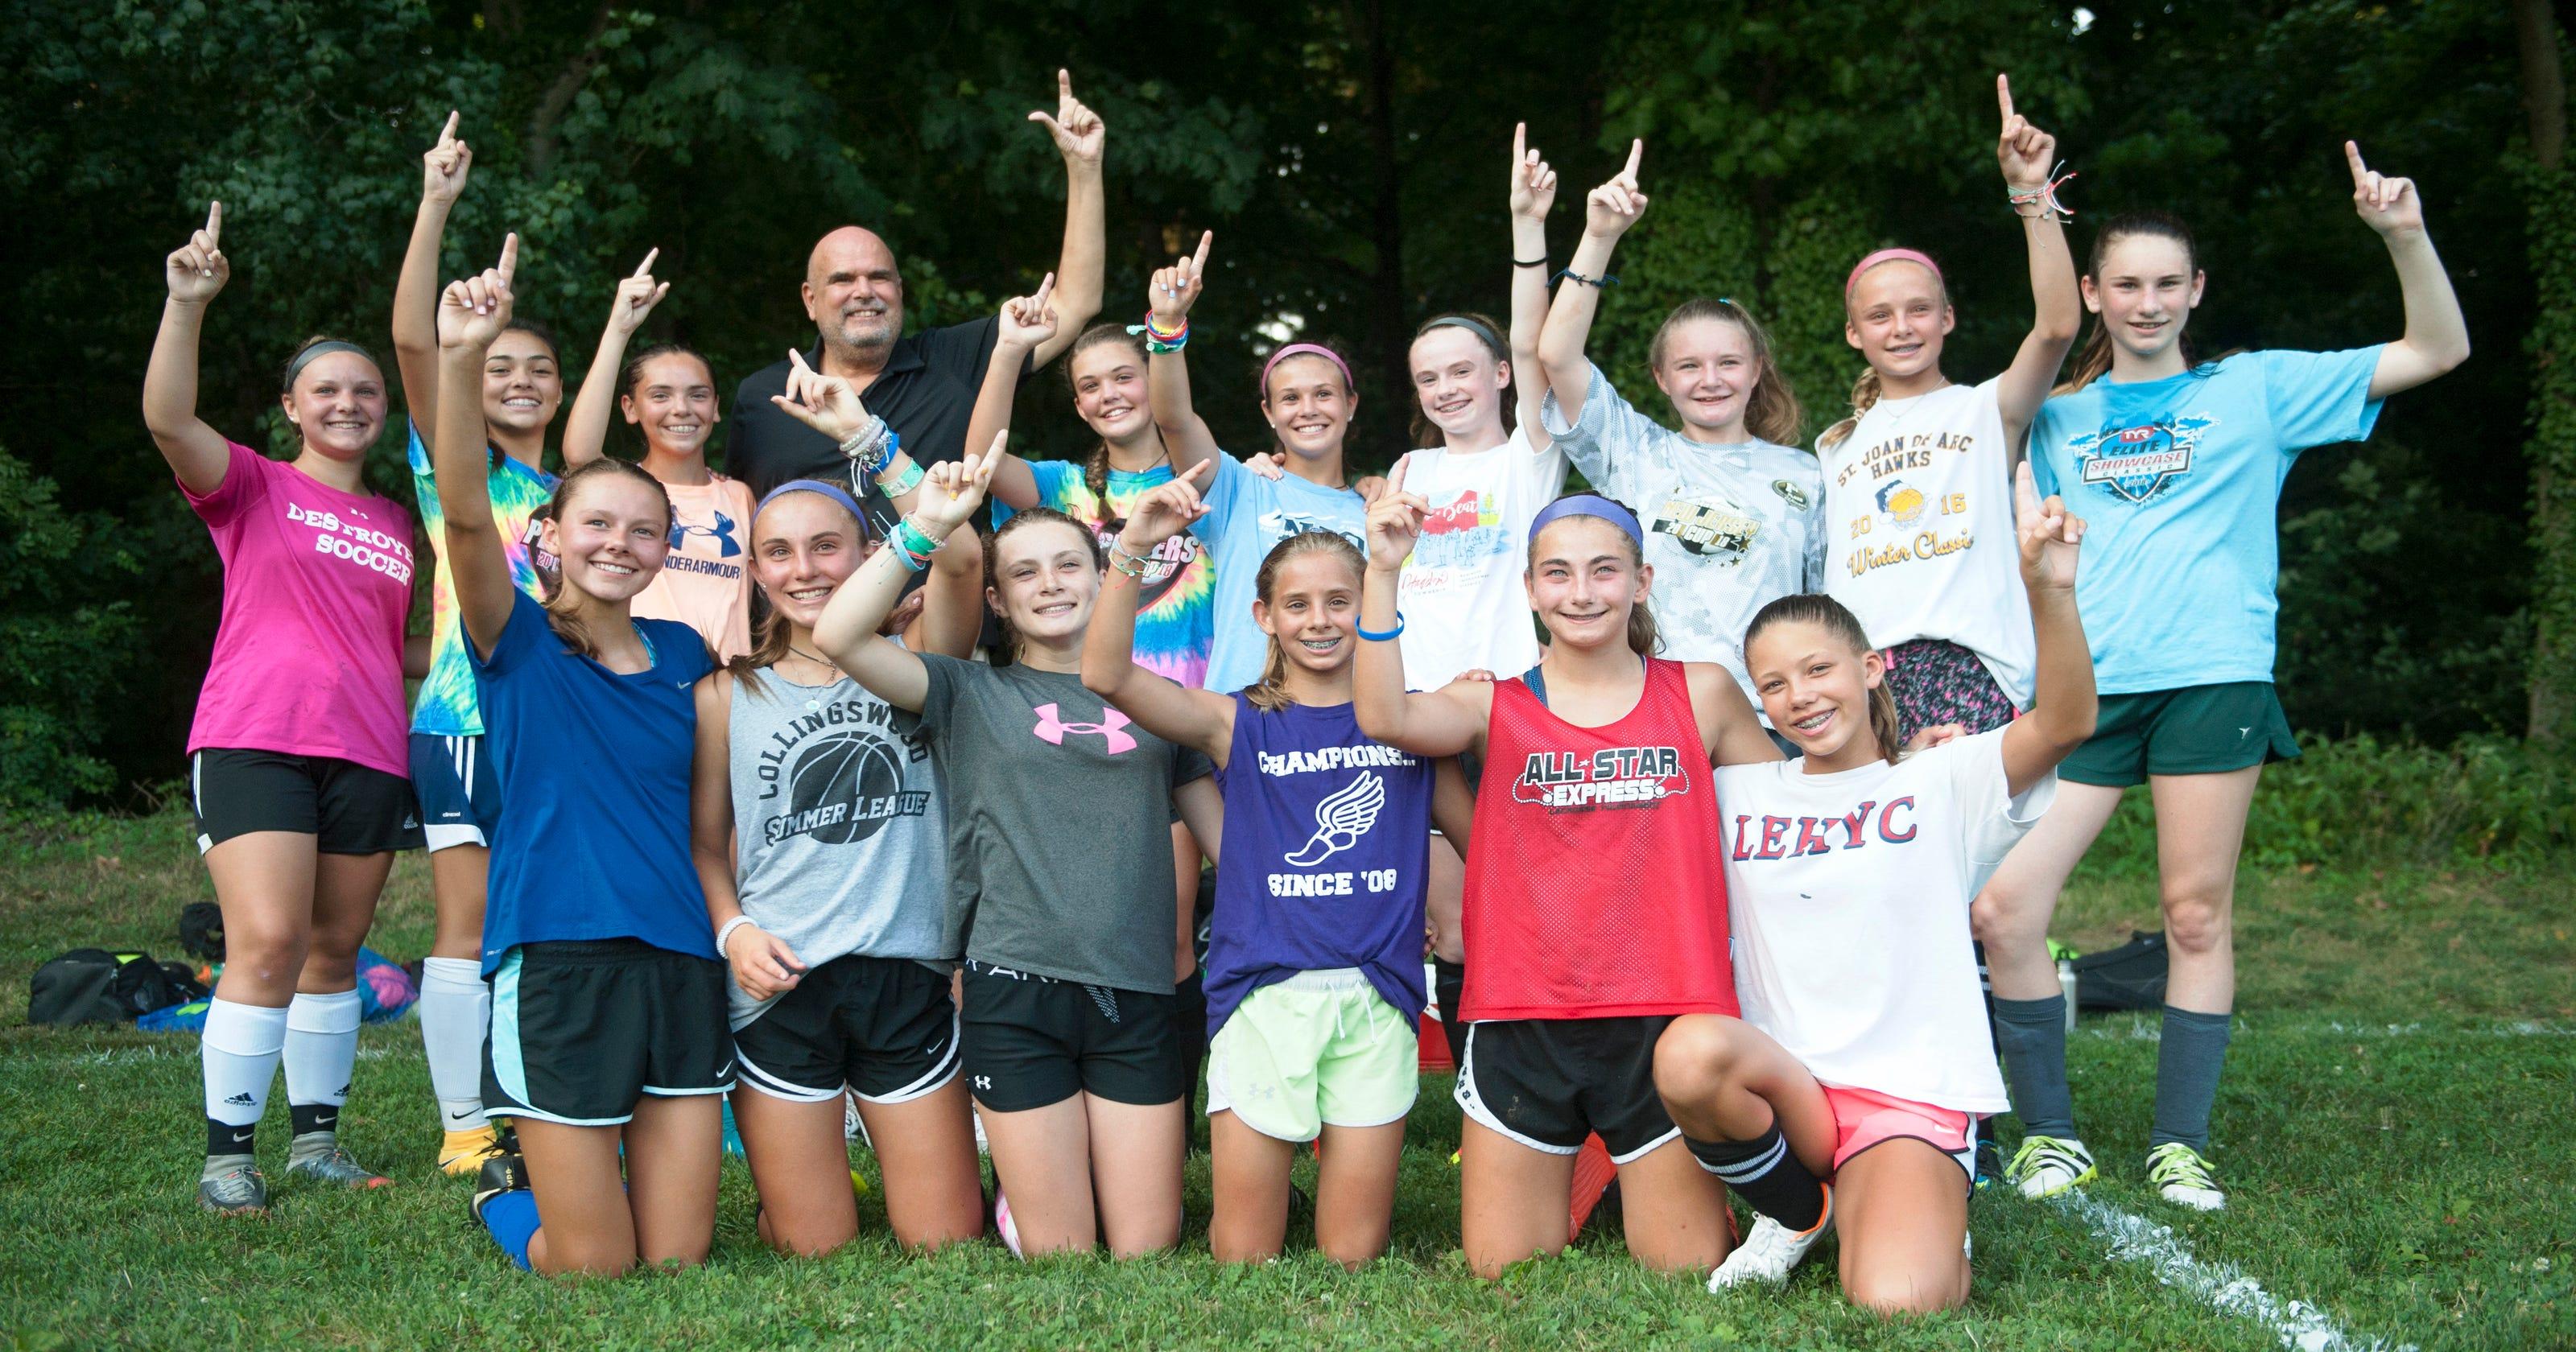 77923567d4f Haddonfield girls soccer team reaches national tournament